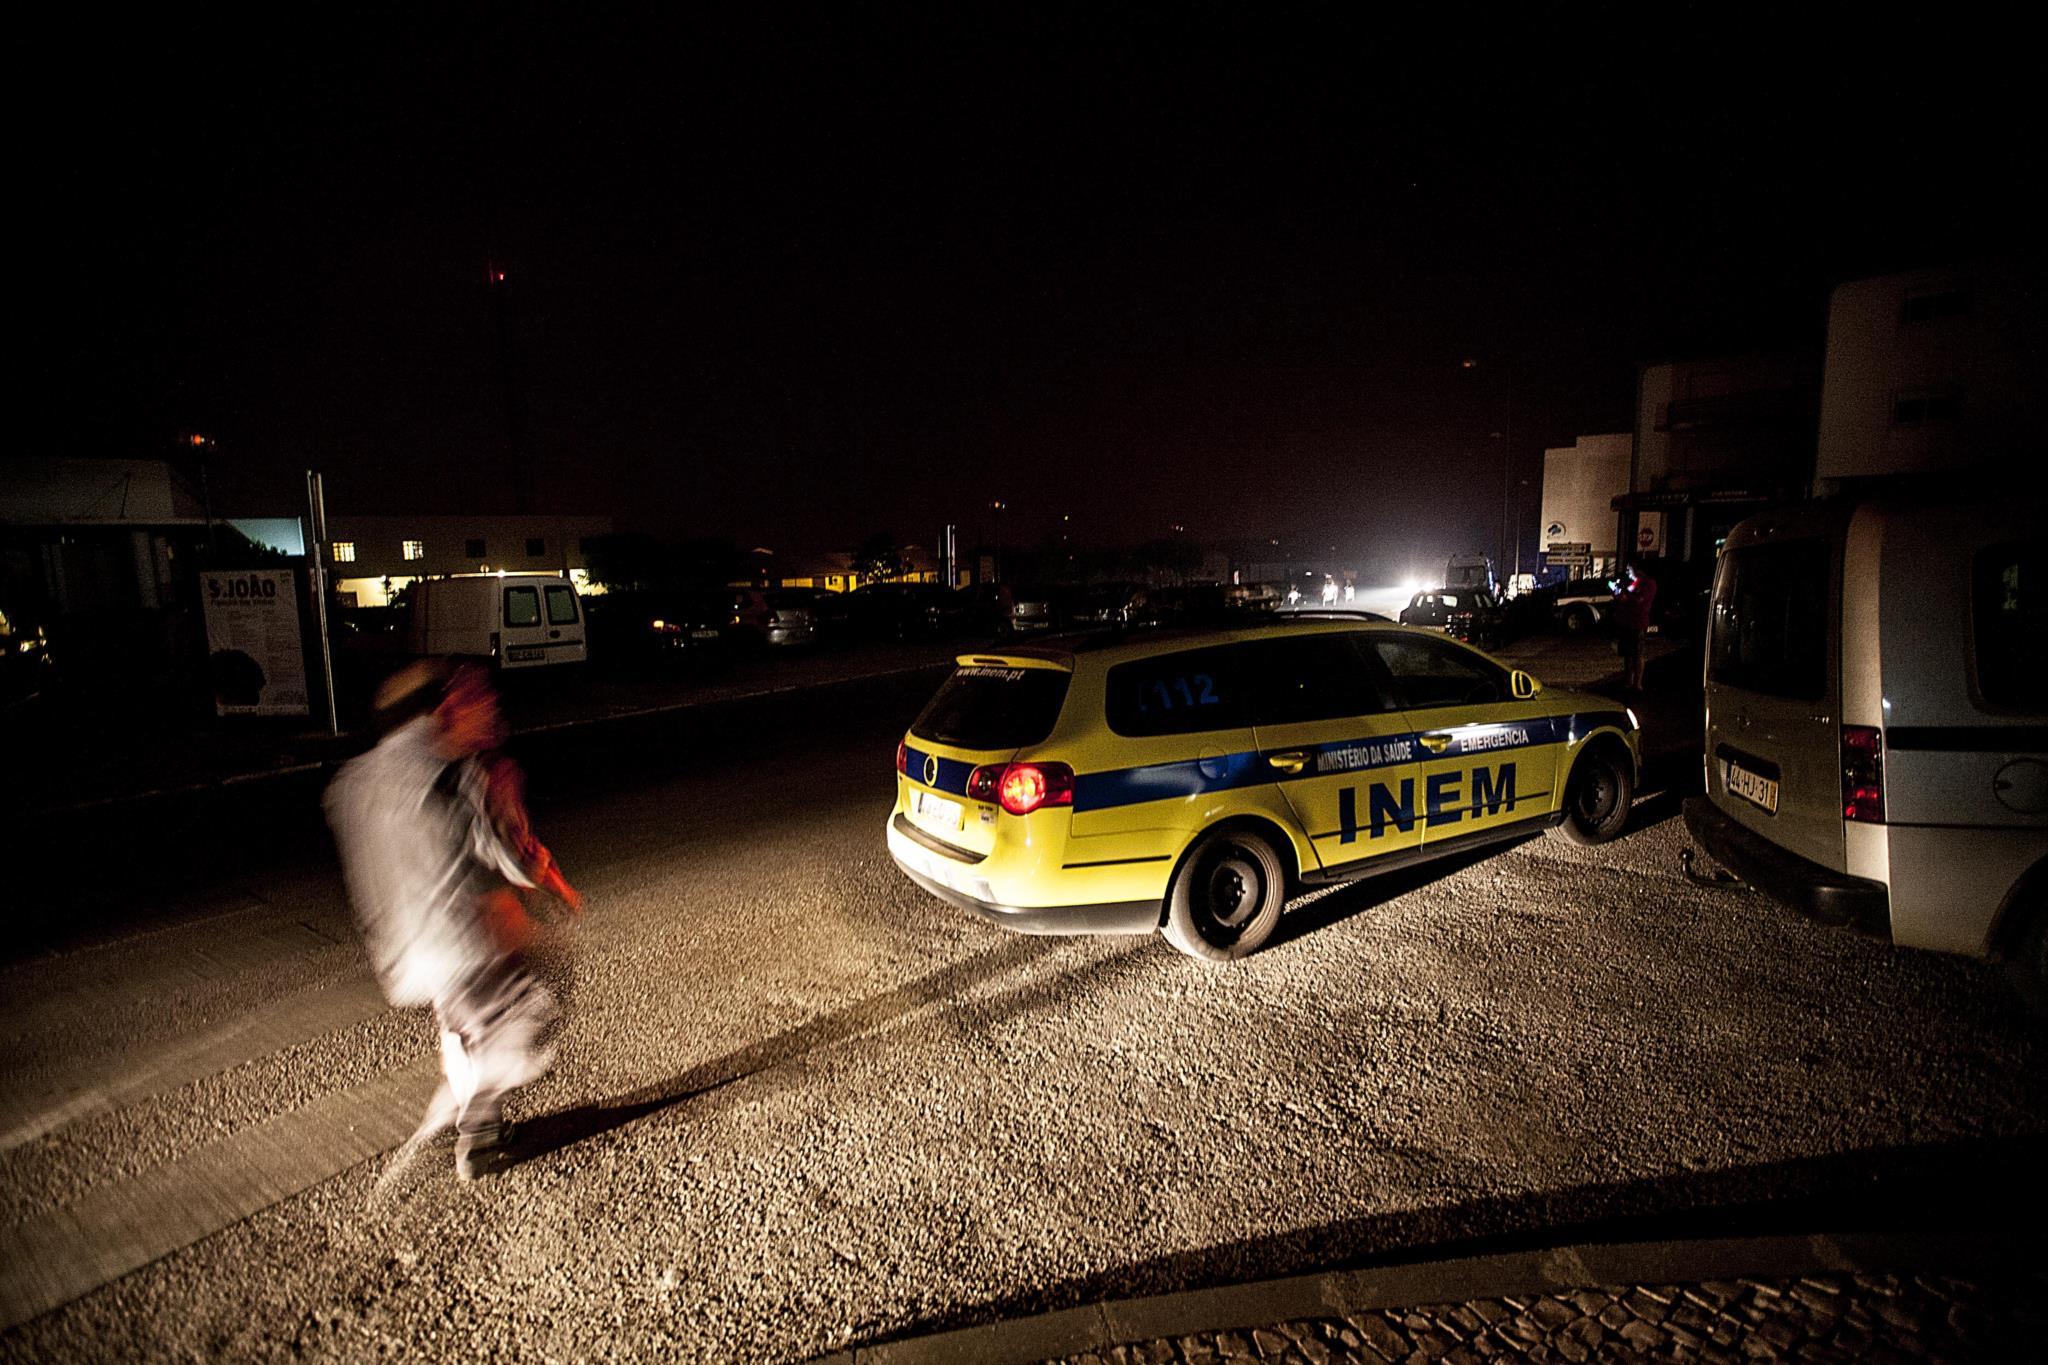 Pedrógão: Concluída entrega de corpos das vítimas às famílias